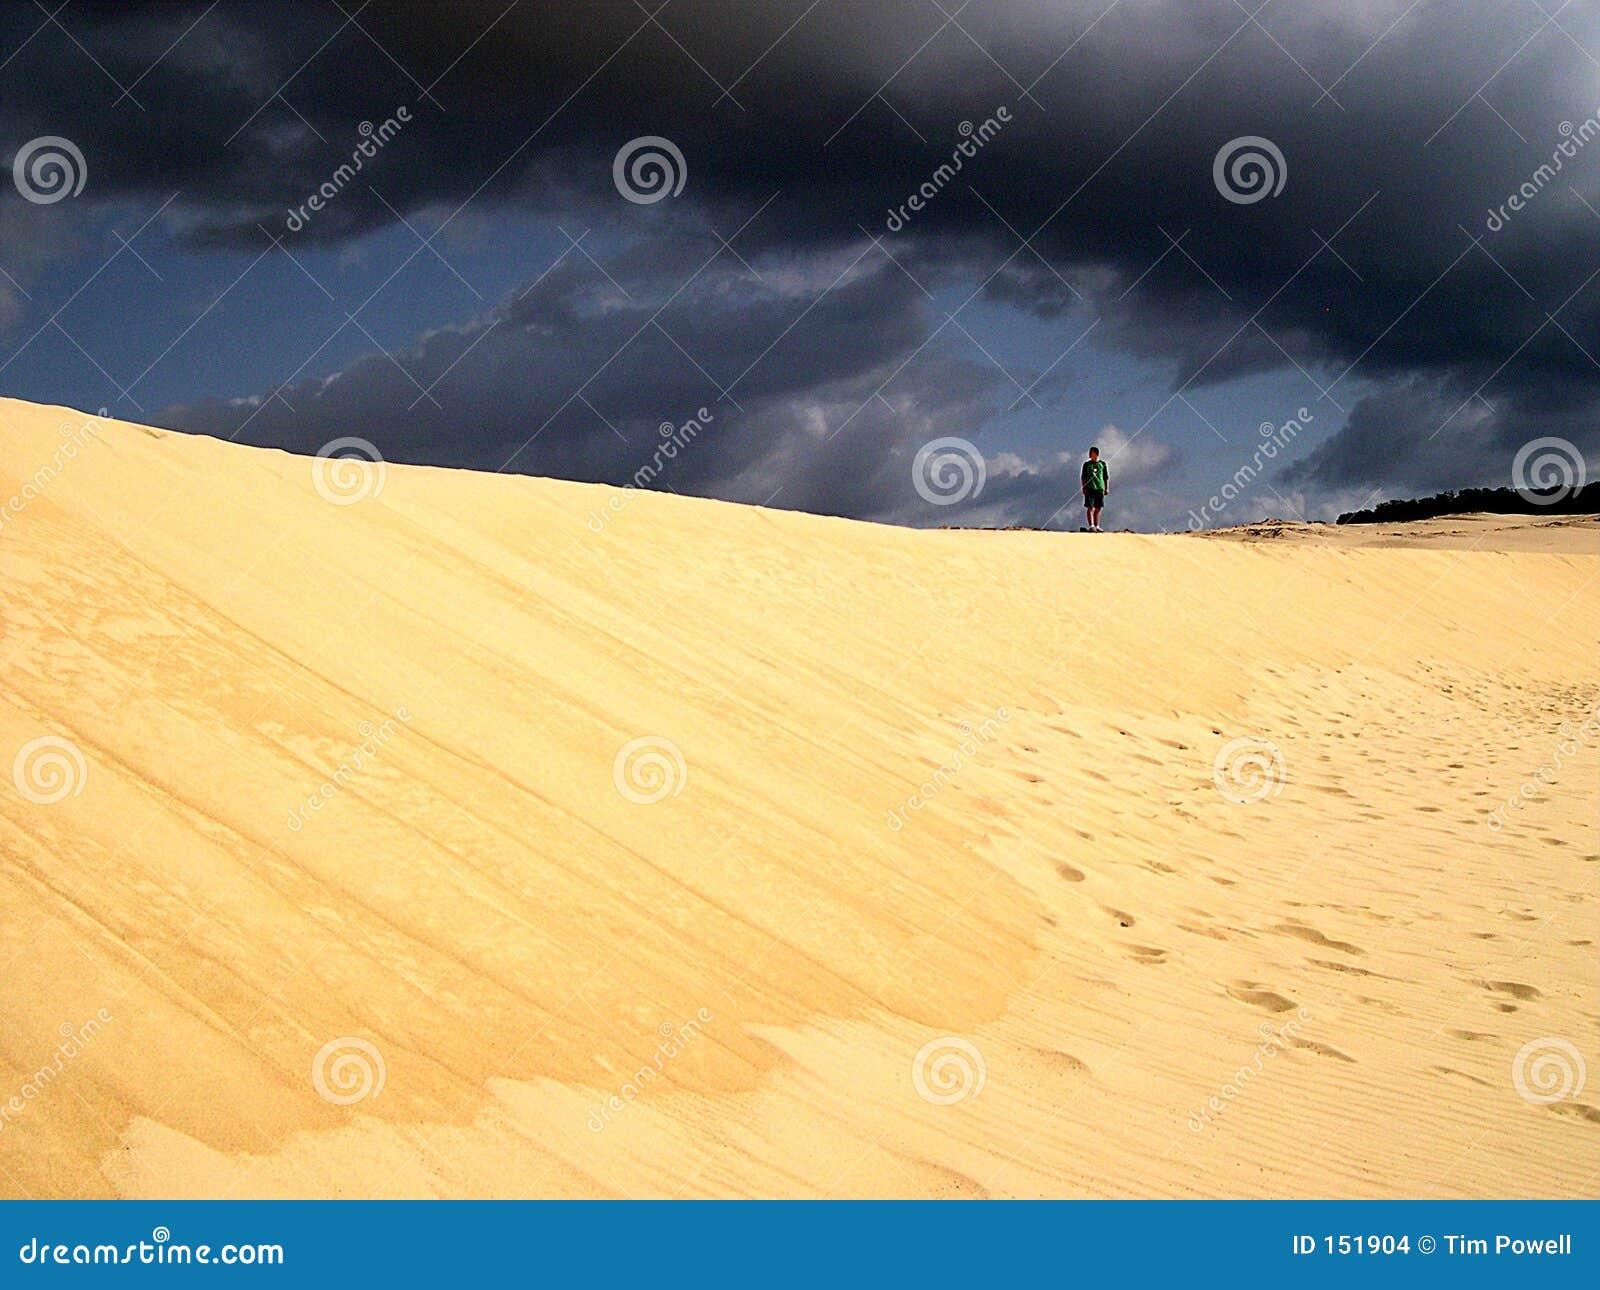 Dune over grey skies